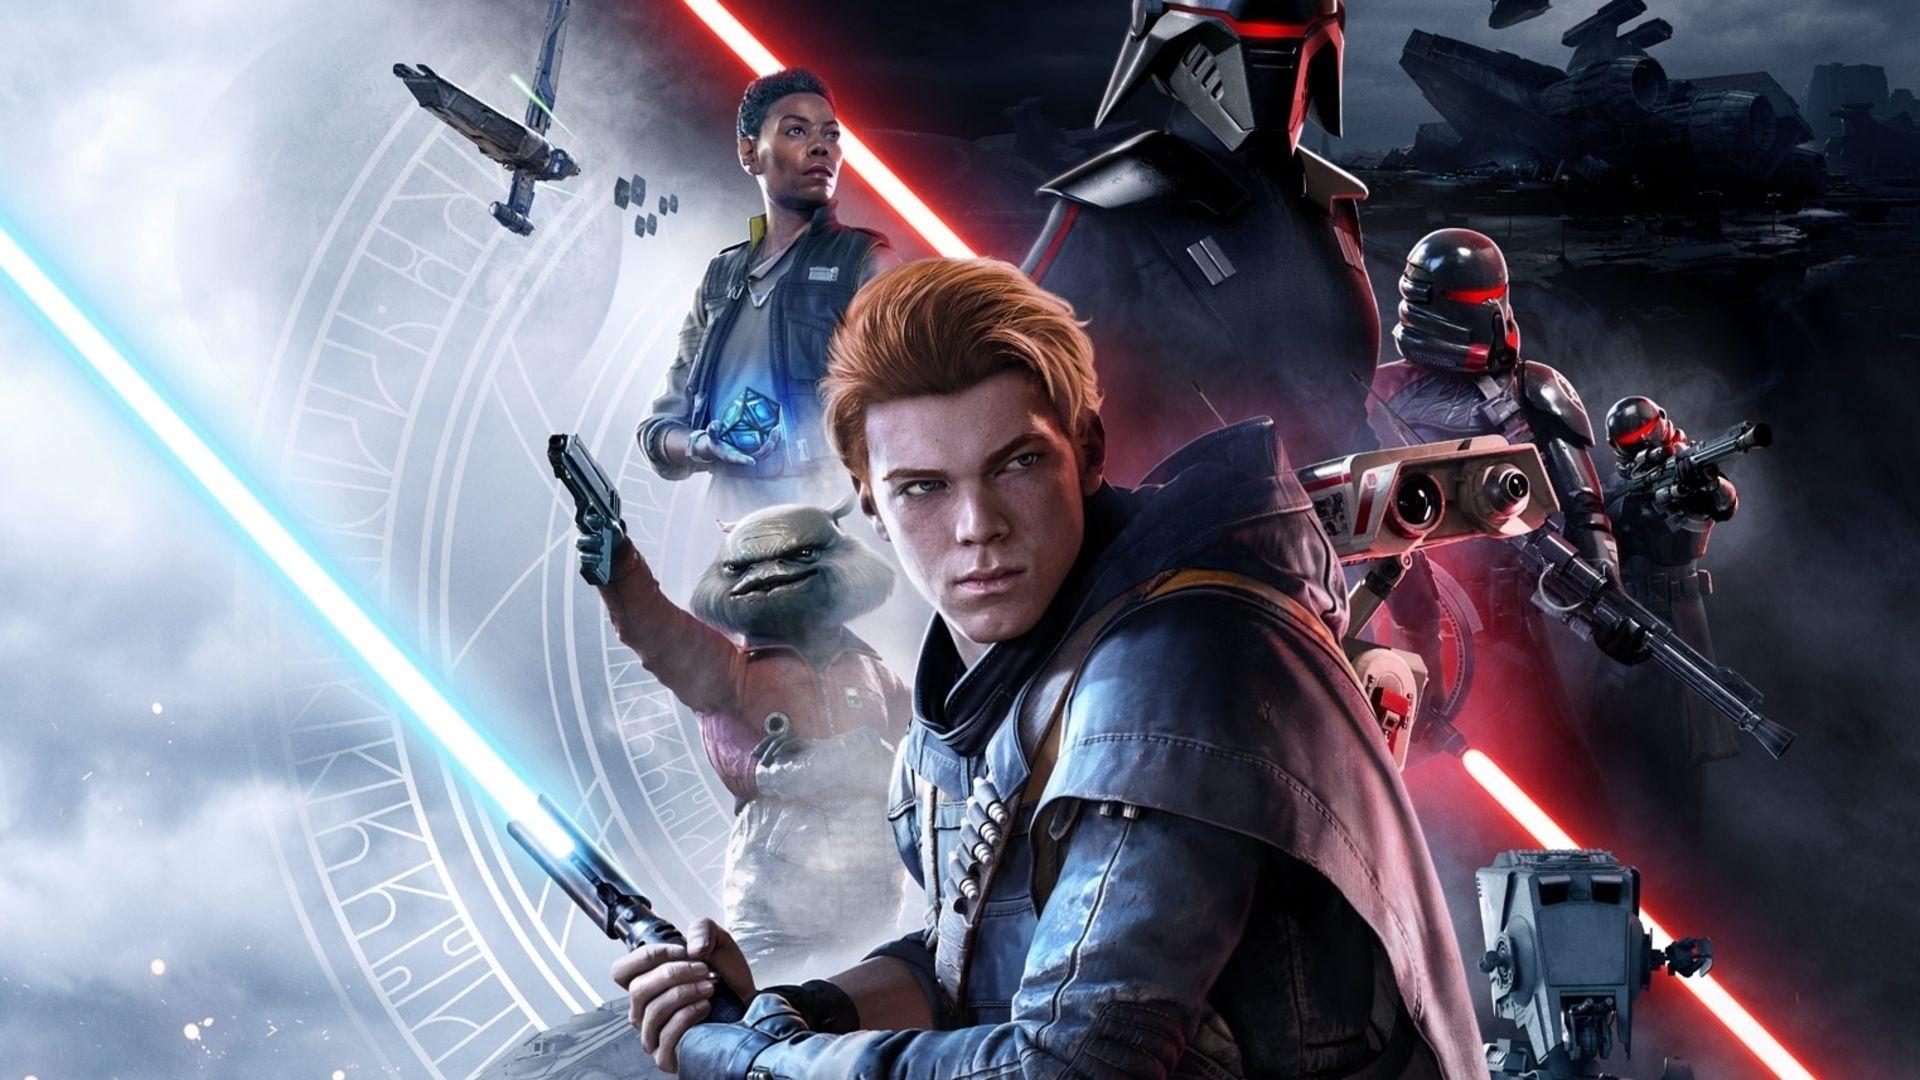 Star Wars ganhará jogo desenvolvido pela Ubisoft